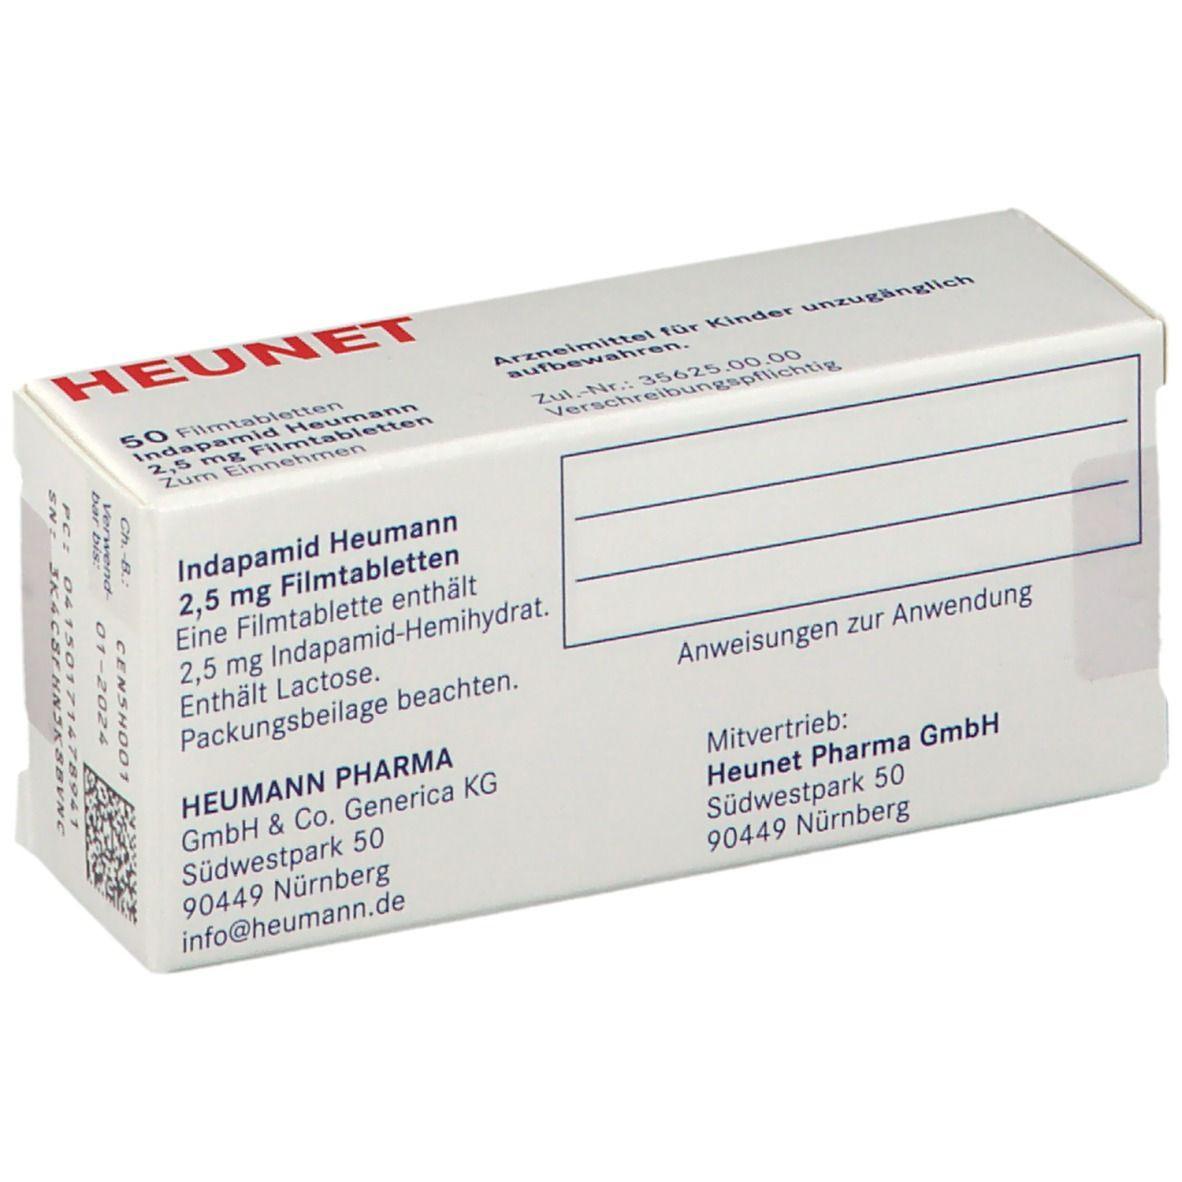 INDAPAMID Heumann 20,20 mg Filmtabletten Heunet 200 St   shop ...